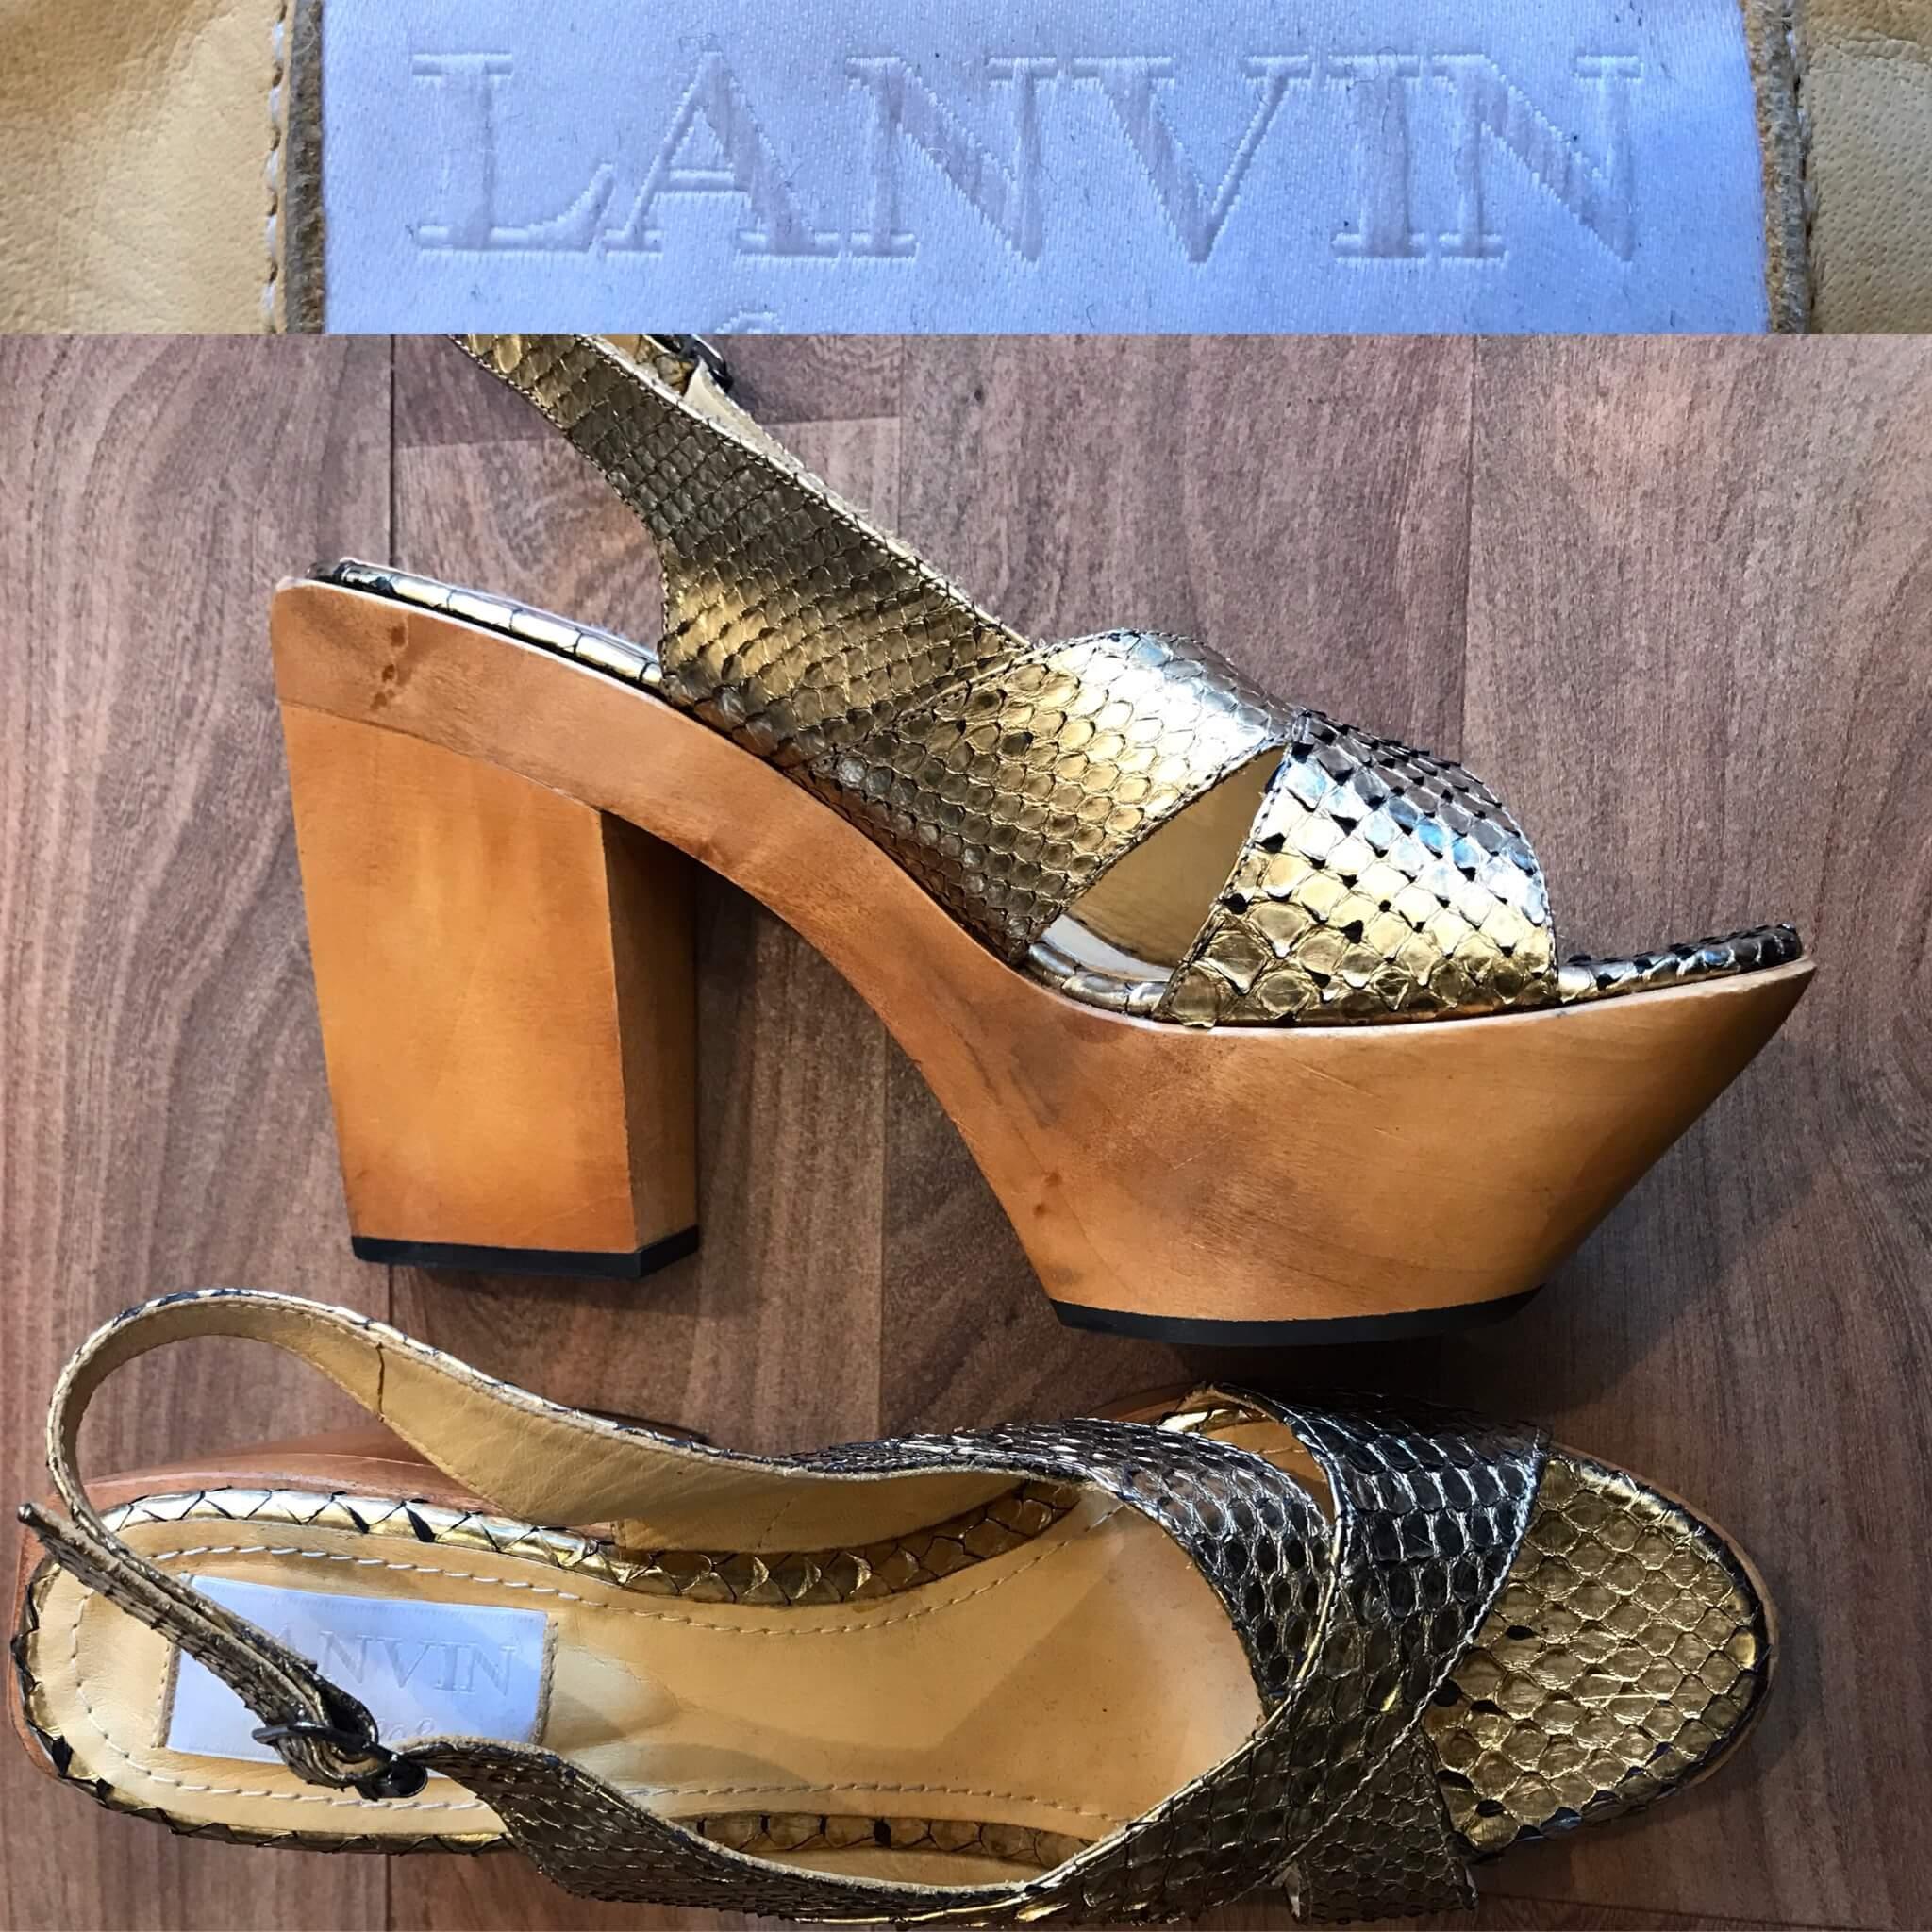 Lanvin Sandals £199 (1).jpg